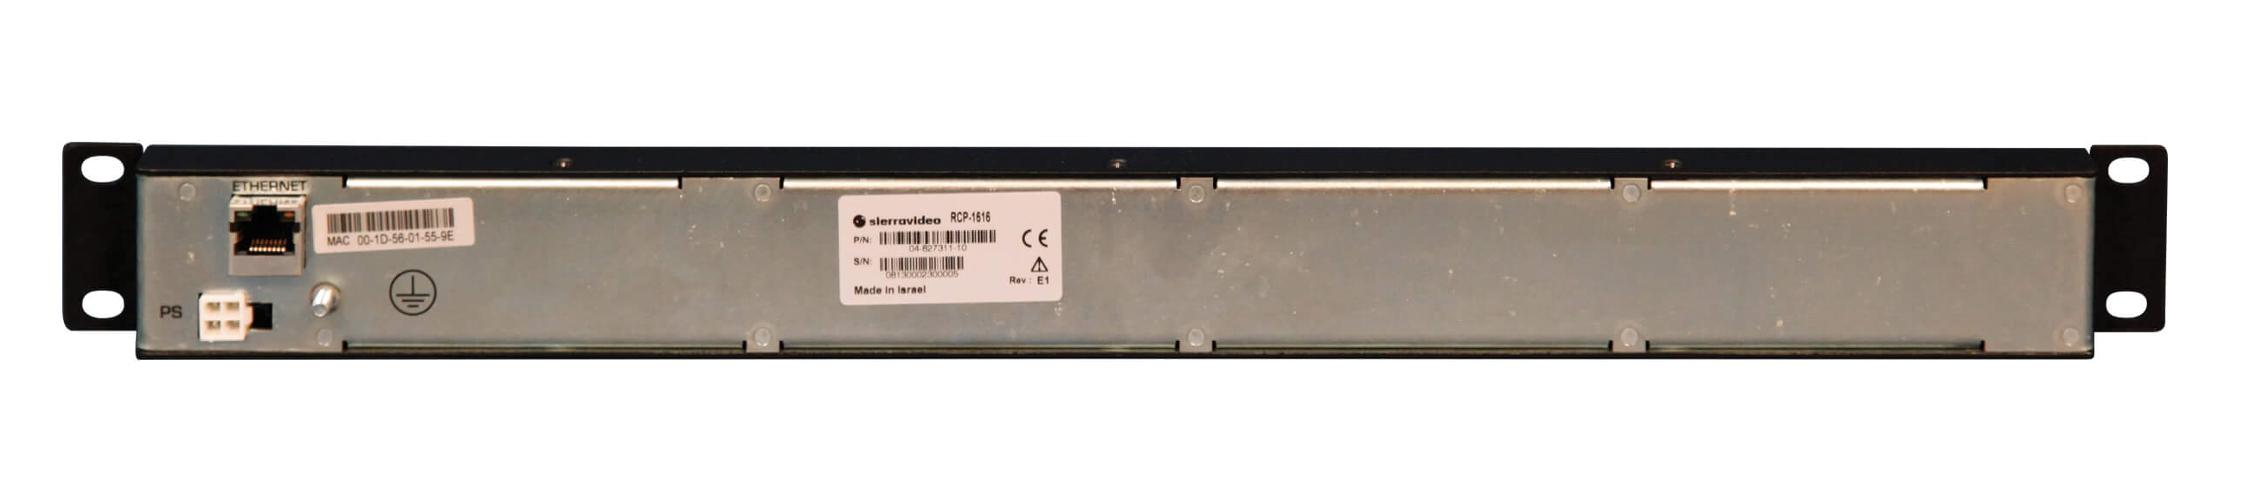 Aspen 16x16 XY LAN Remote Control Panel